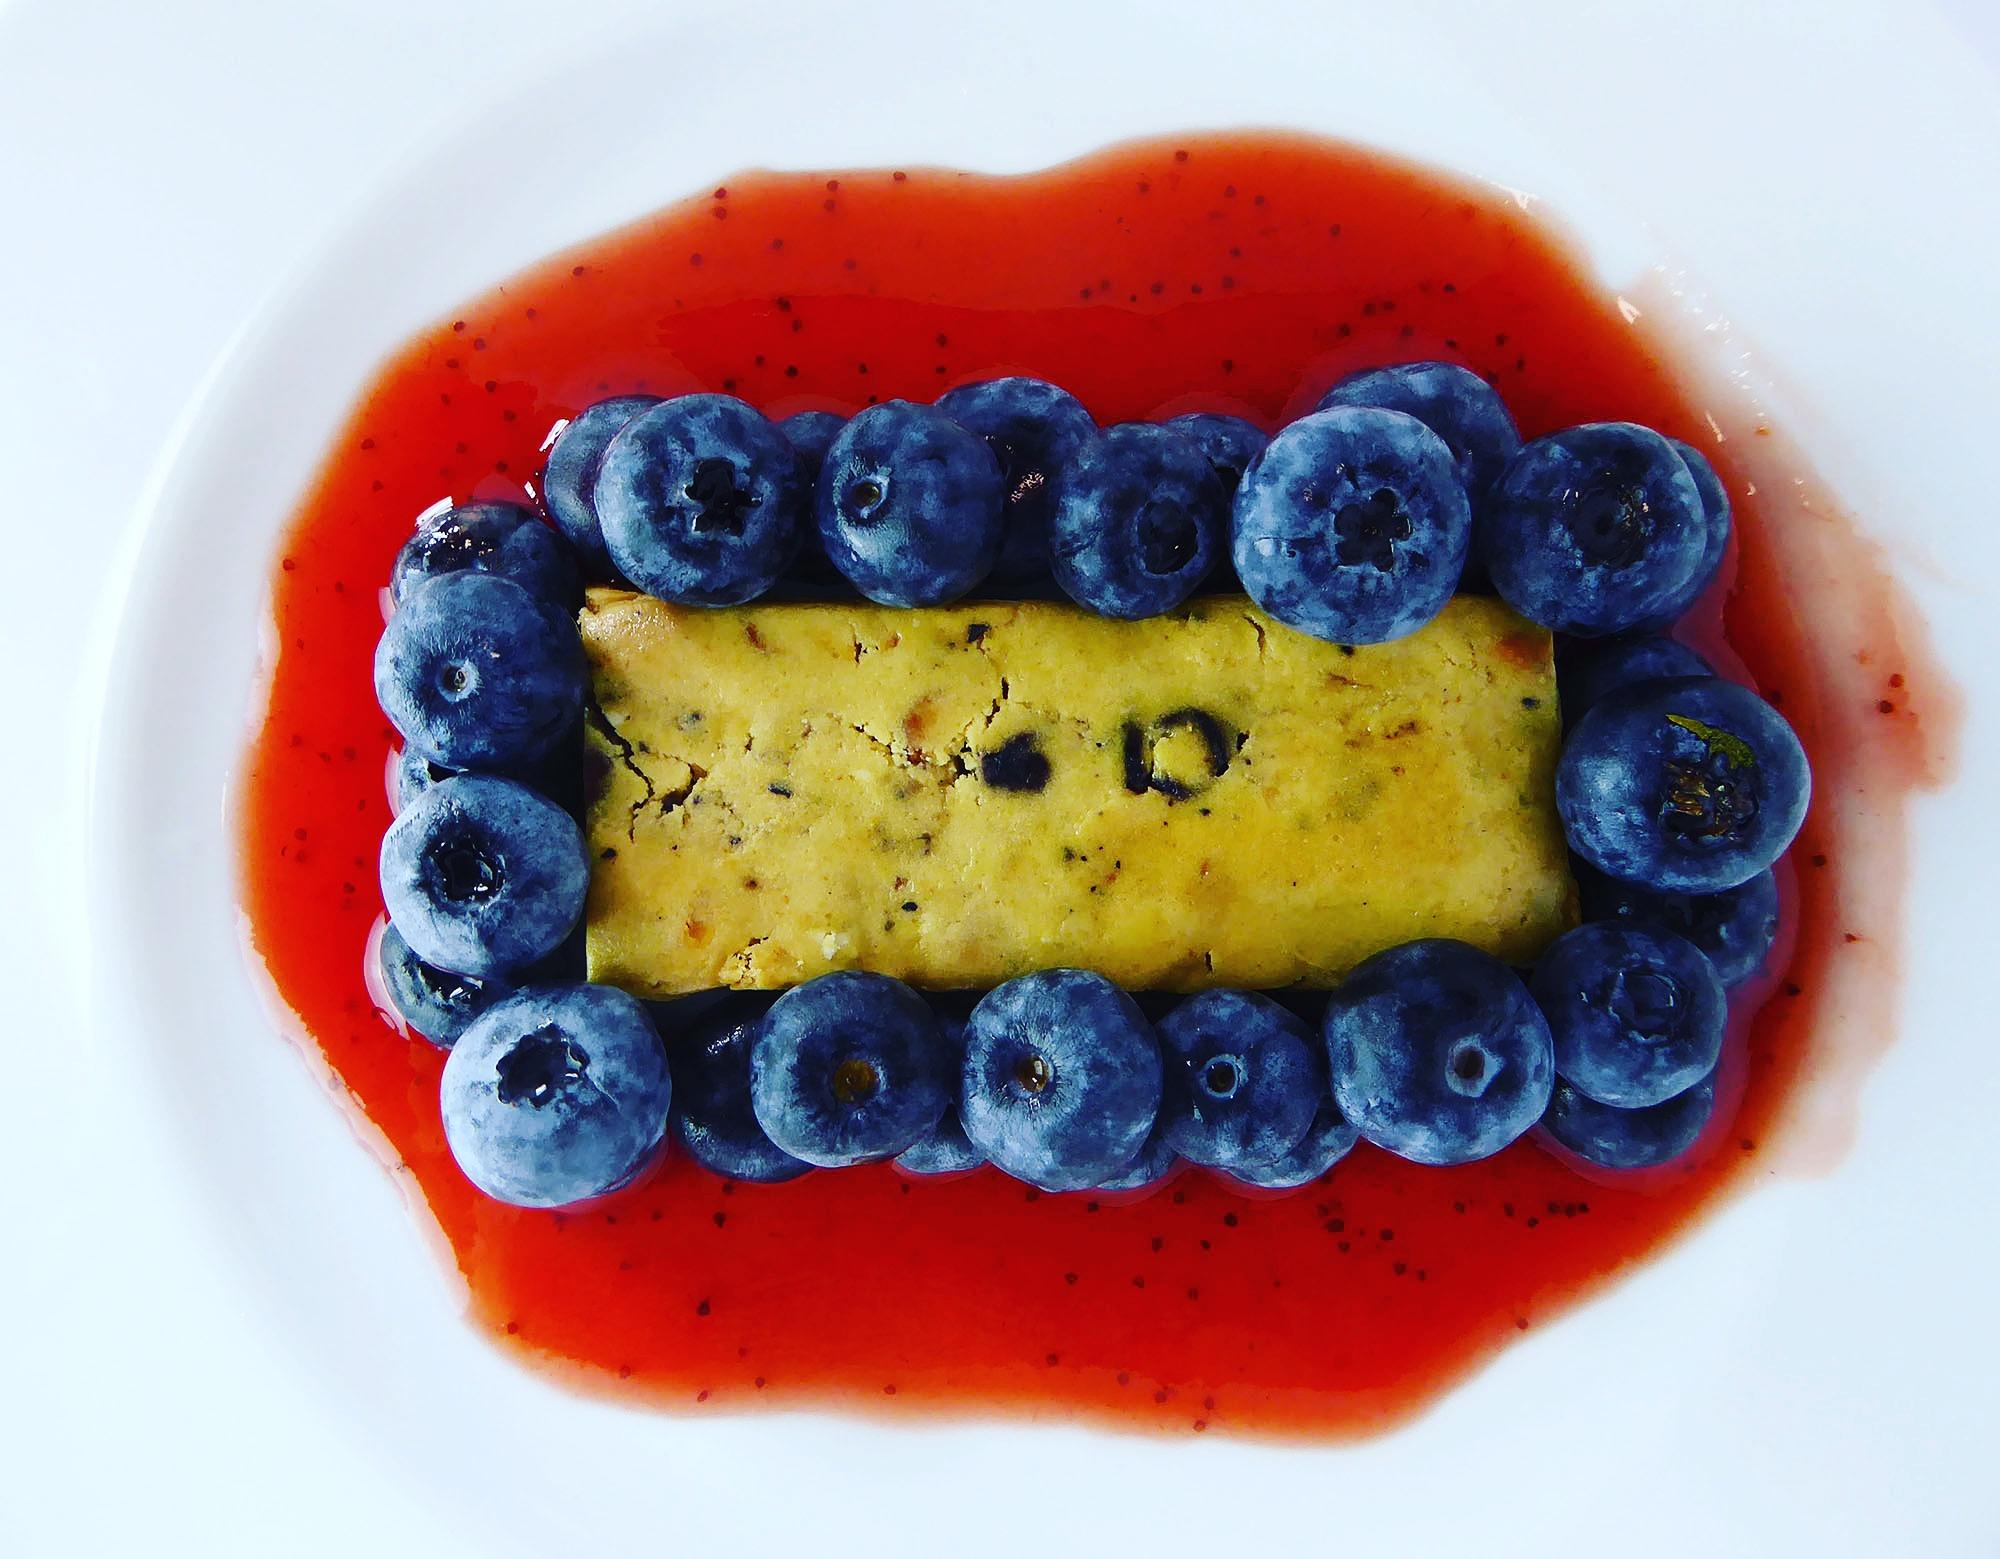 Questbar Heidelbeer Muffin Proteinriegel Heidelbeeren Erdbeer Sauce